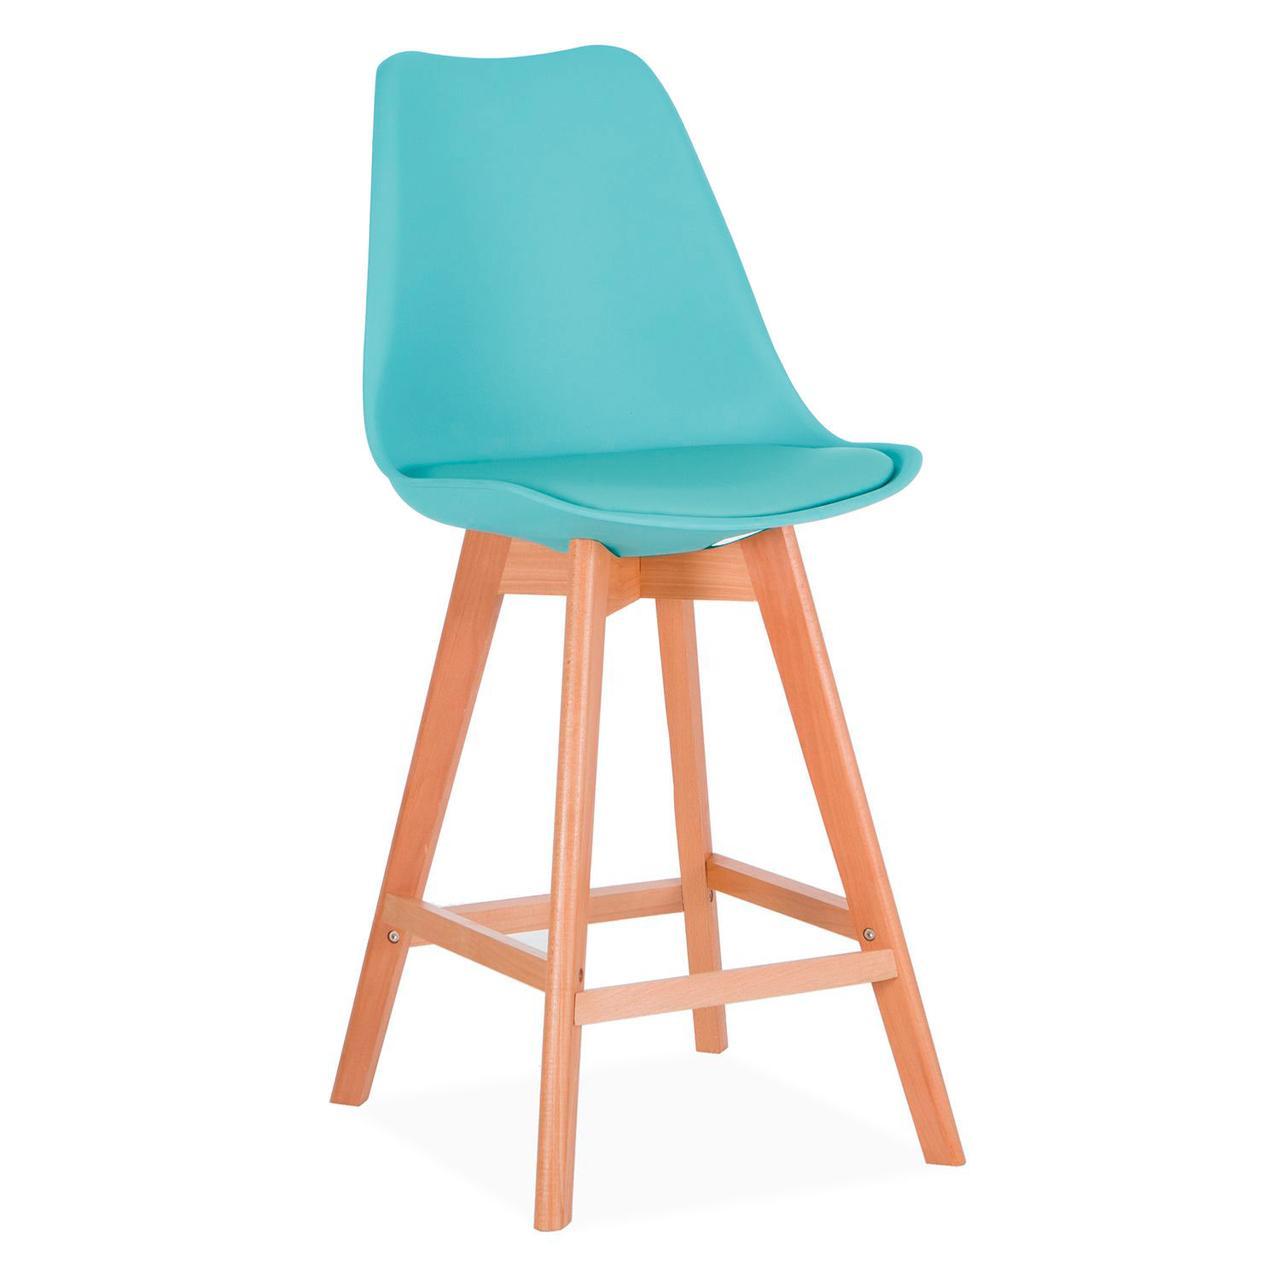 Барный стул Элиос голубой SDM Group с ножками из бука, сиденье с подушкой